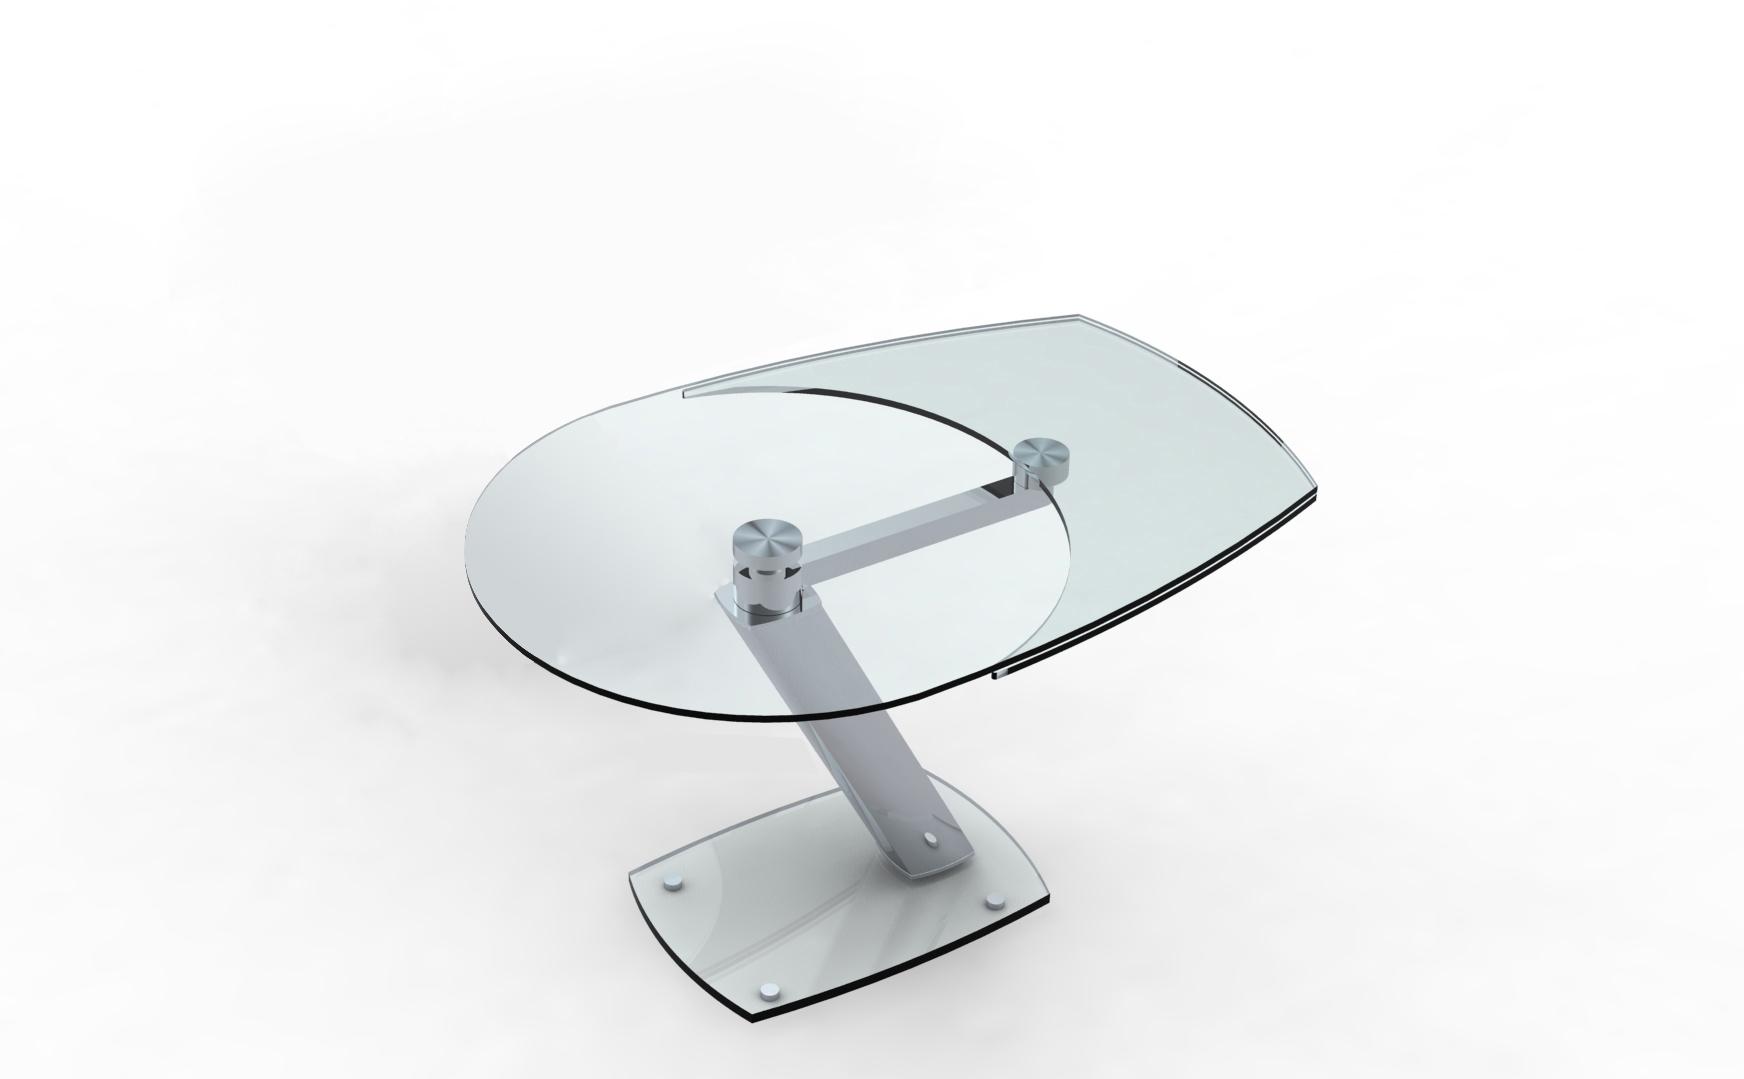 Table repas en verre tremp zarai avec allonge eda concept for Chateau d ax table de salle a manger